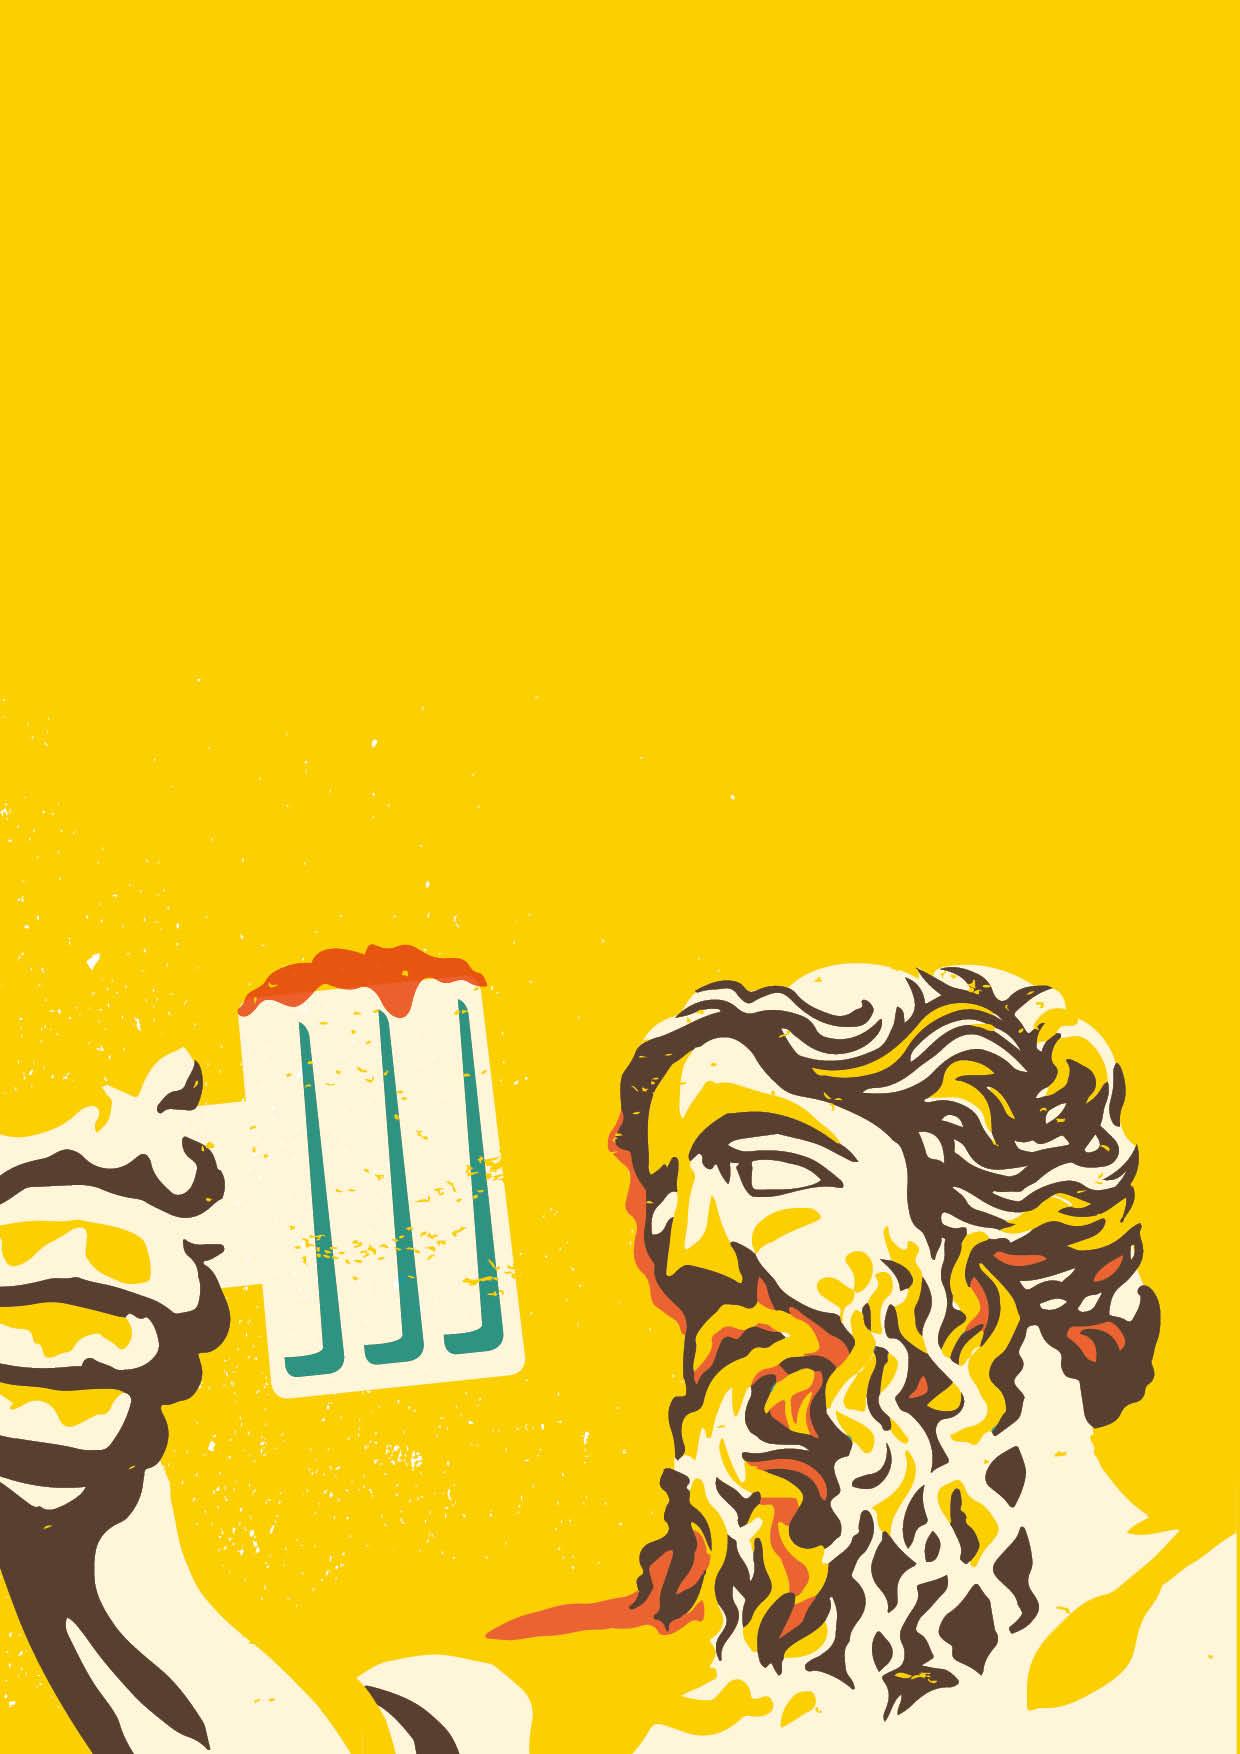 Beer Illustrations41.jpg